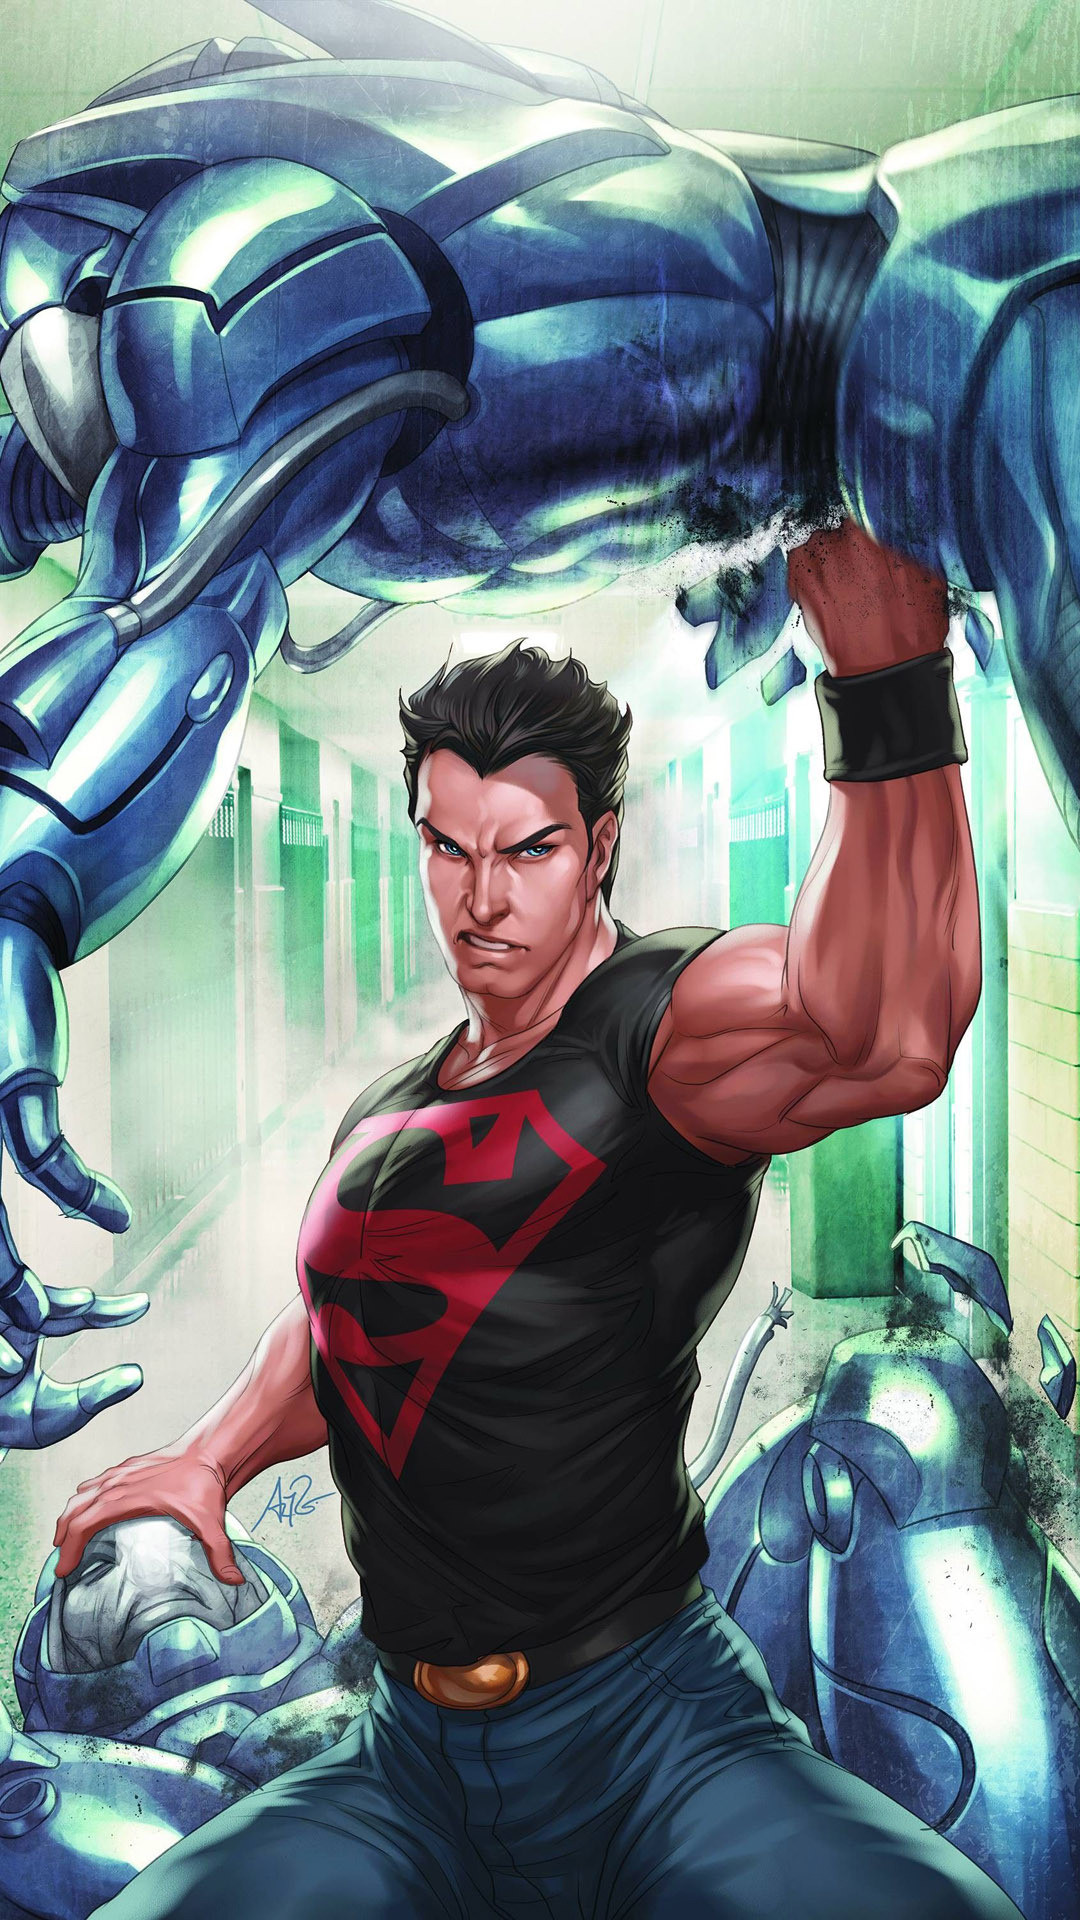 … superboy mobile wallpaper 7288 …